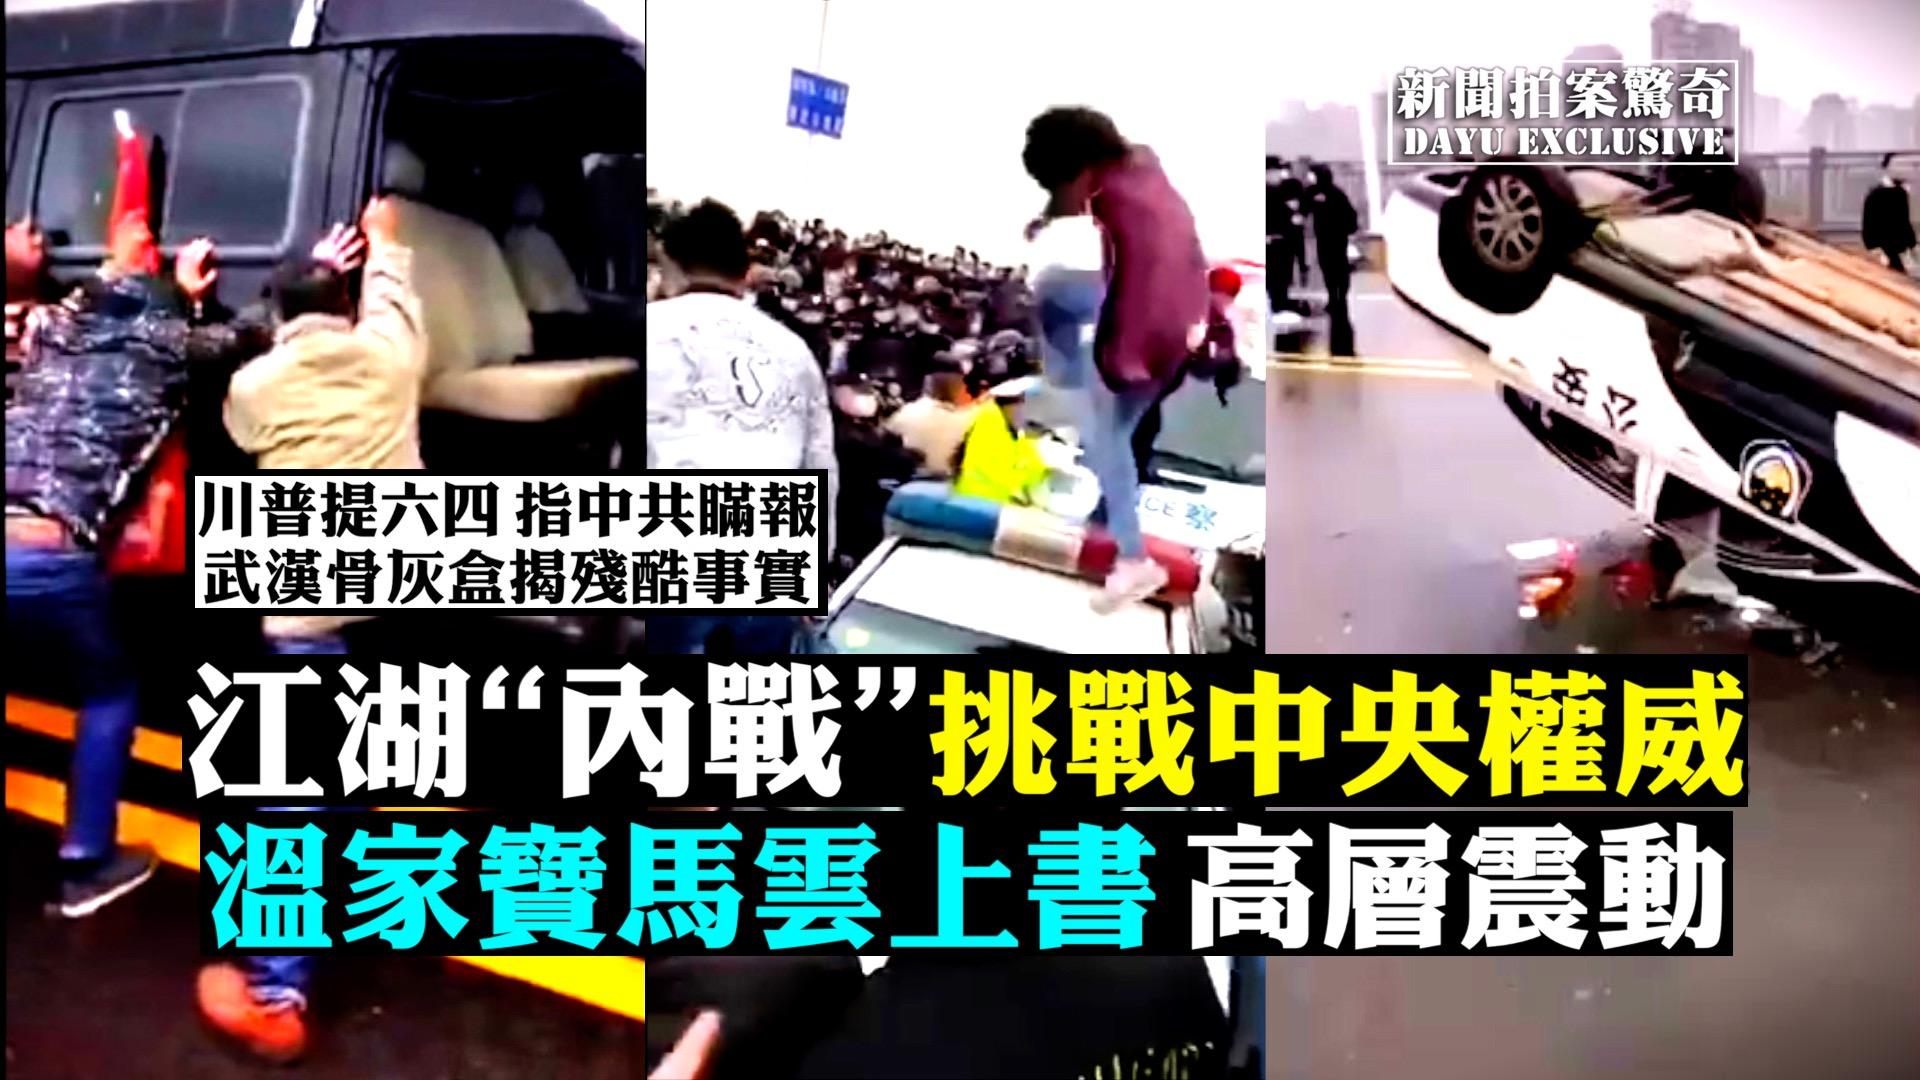 【拍案驚奇】贛鄂「內戰」打臉中央 特朗普提六四